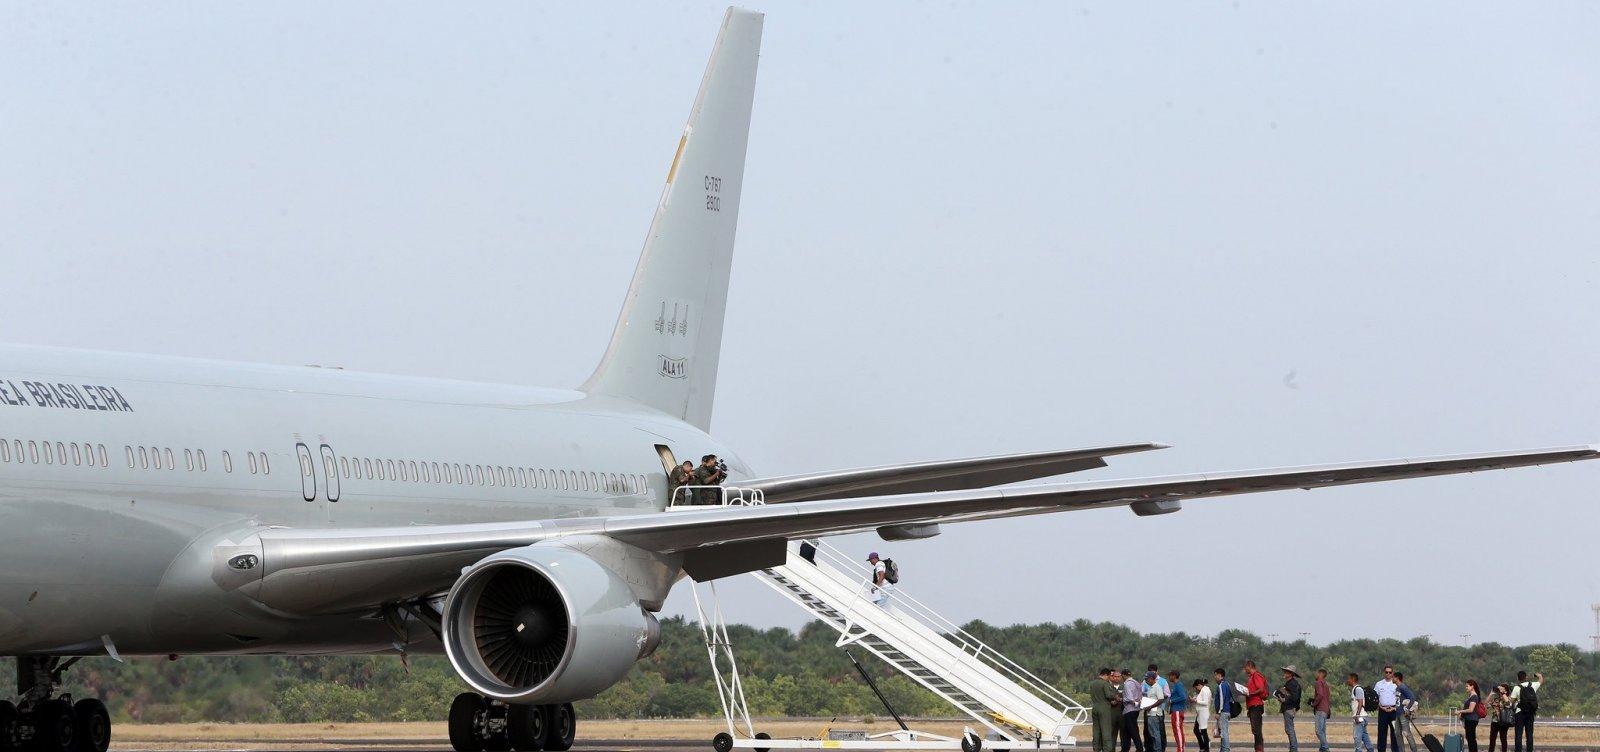 [Latam aumenta taxa de despacho de bagagem e passa a cobrar pelo serviço em viagens na América do Sul]